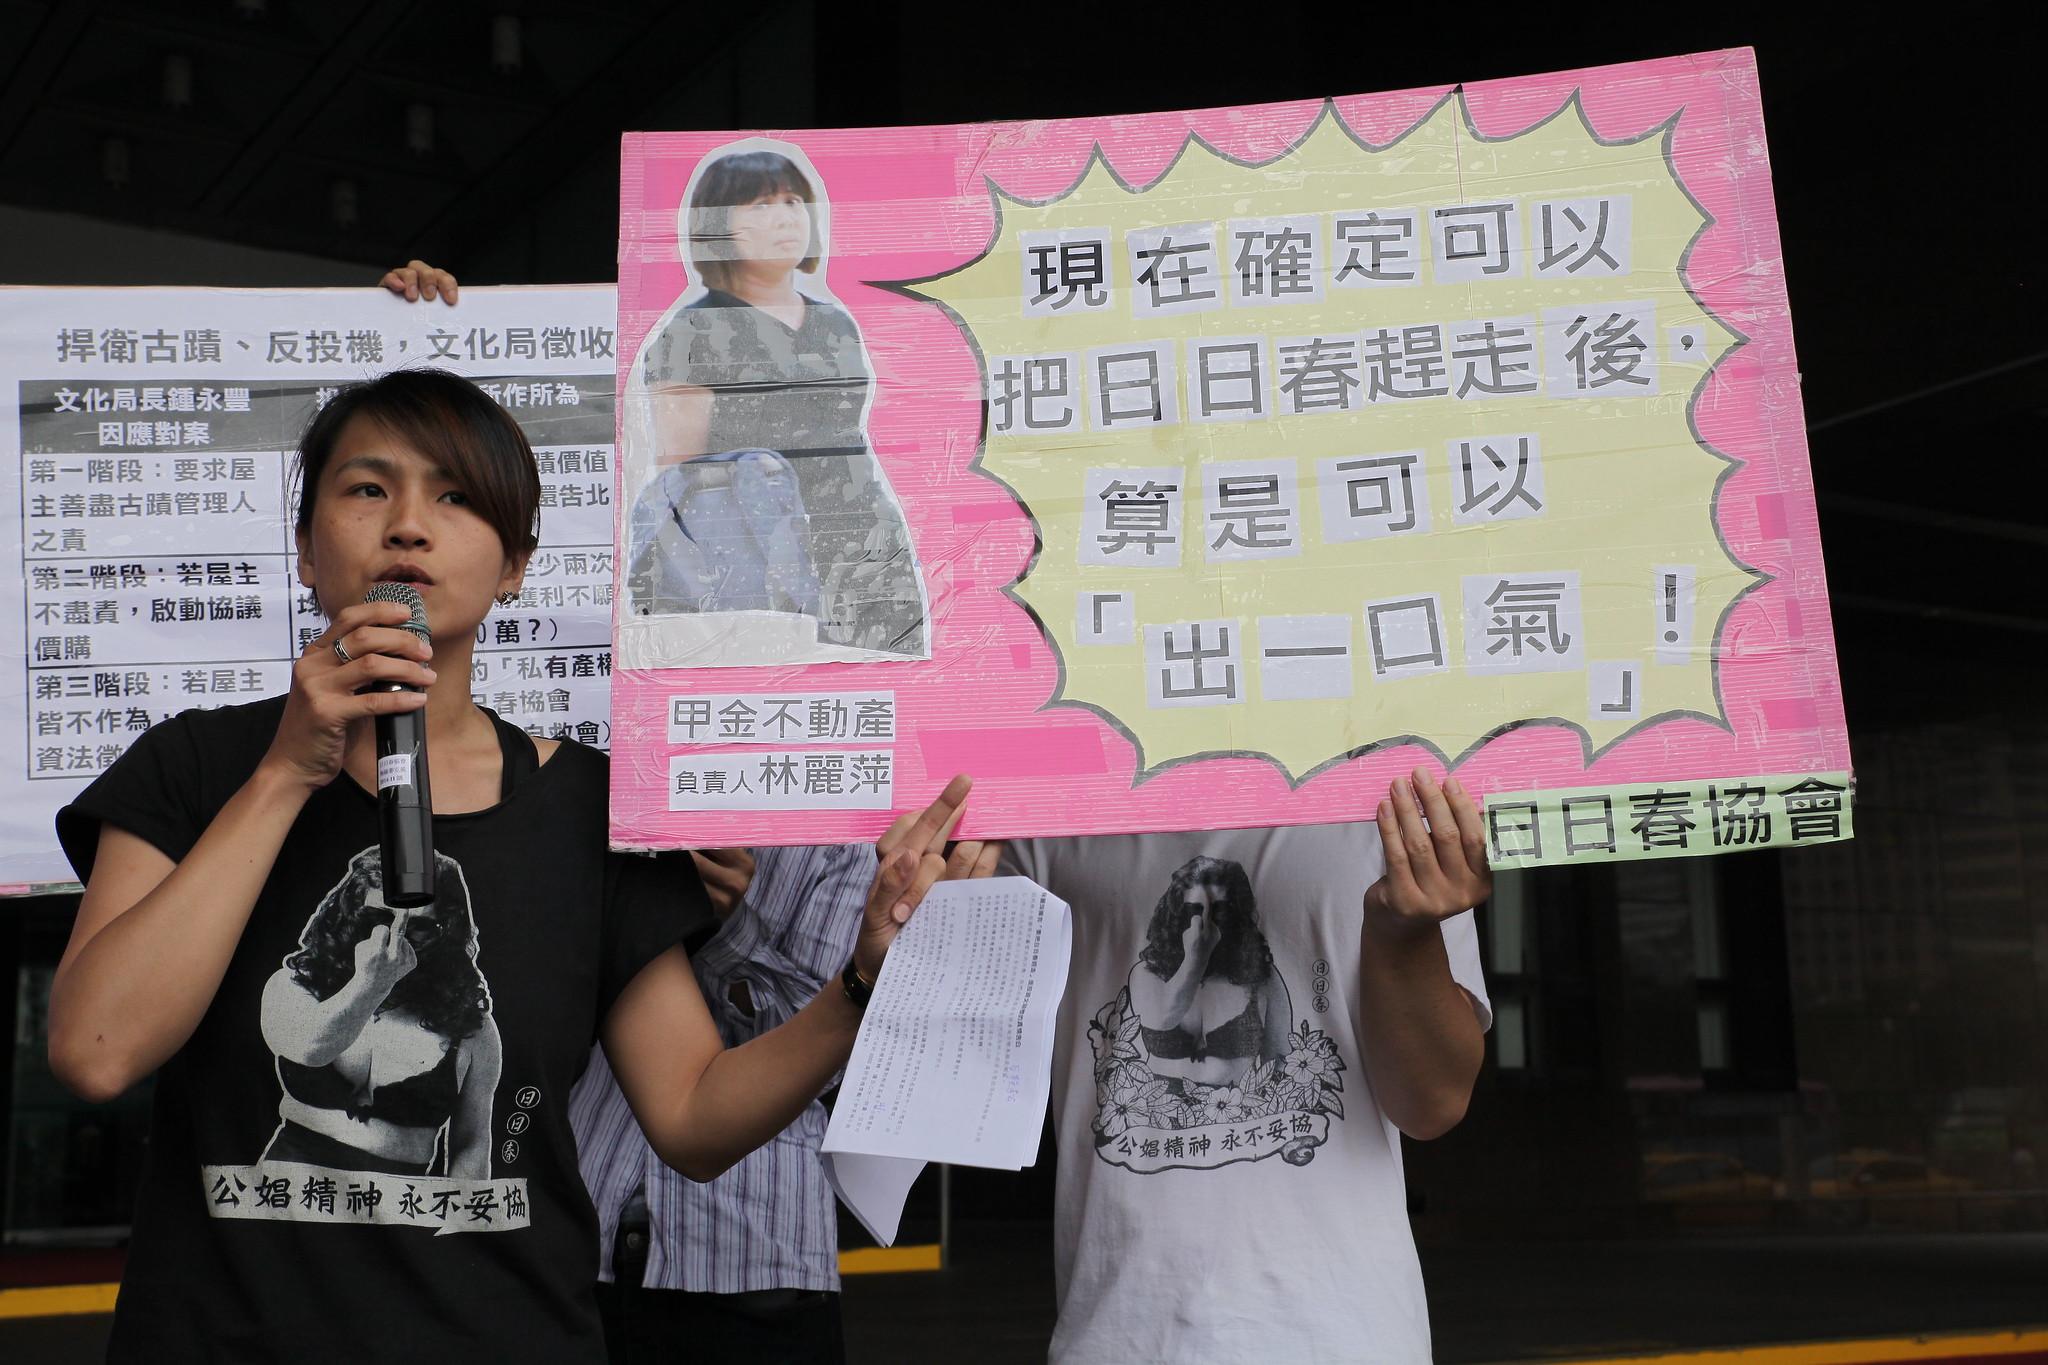 林麗萍勝訴後曾向媒體表示終於可以「出一口氣」,並說到後續會考慮:自行維護、協議價購或其他方案。(攝影:陳逸婷)